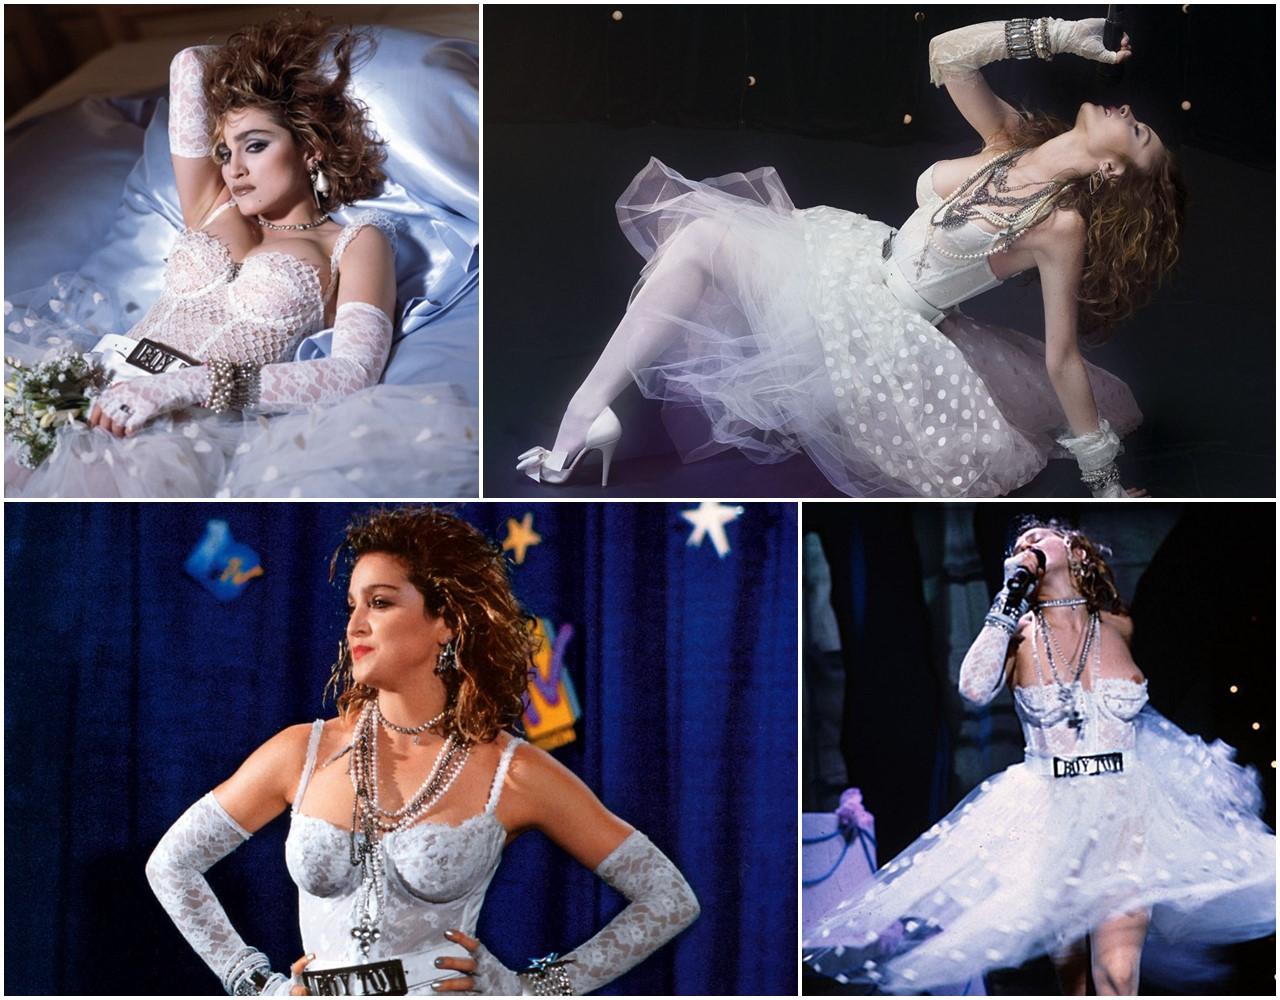 마돈나 MTV 시상식(1984) 공연 모습 Madonna Like a Virgin02.jpg